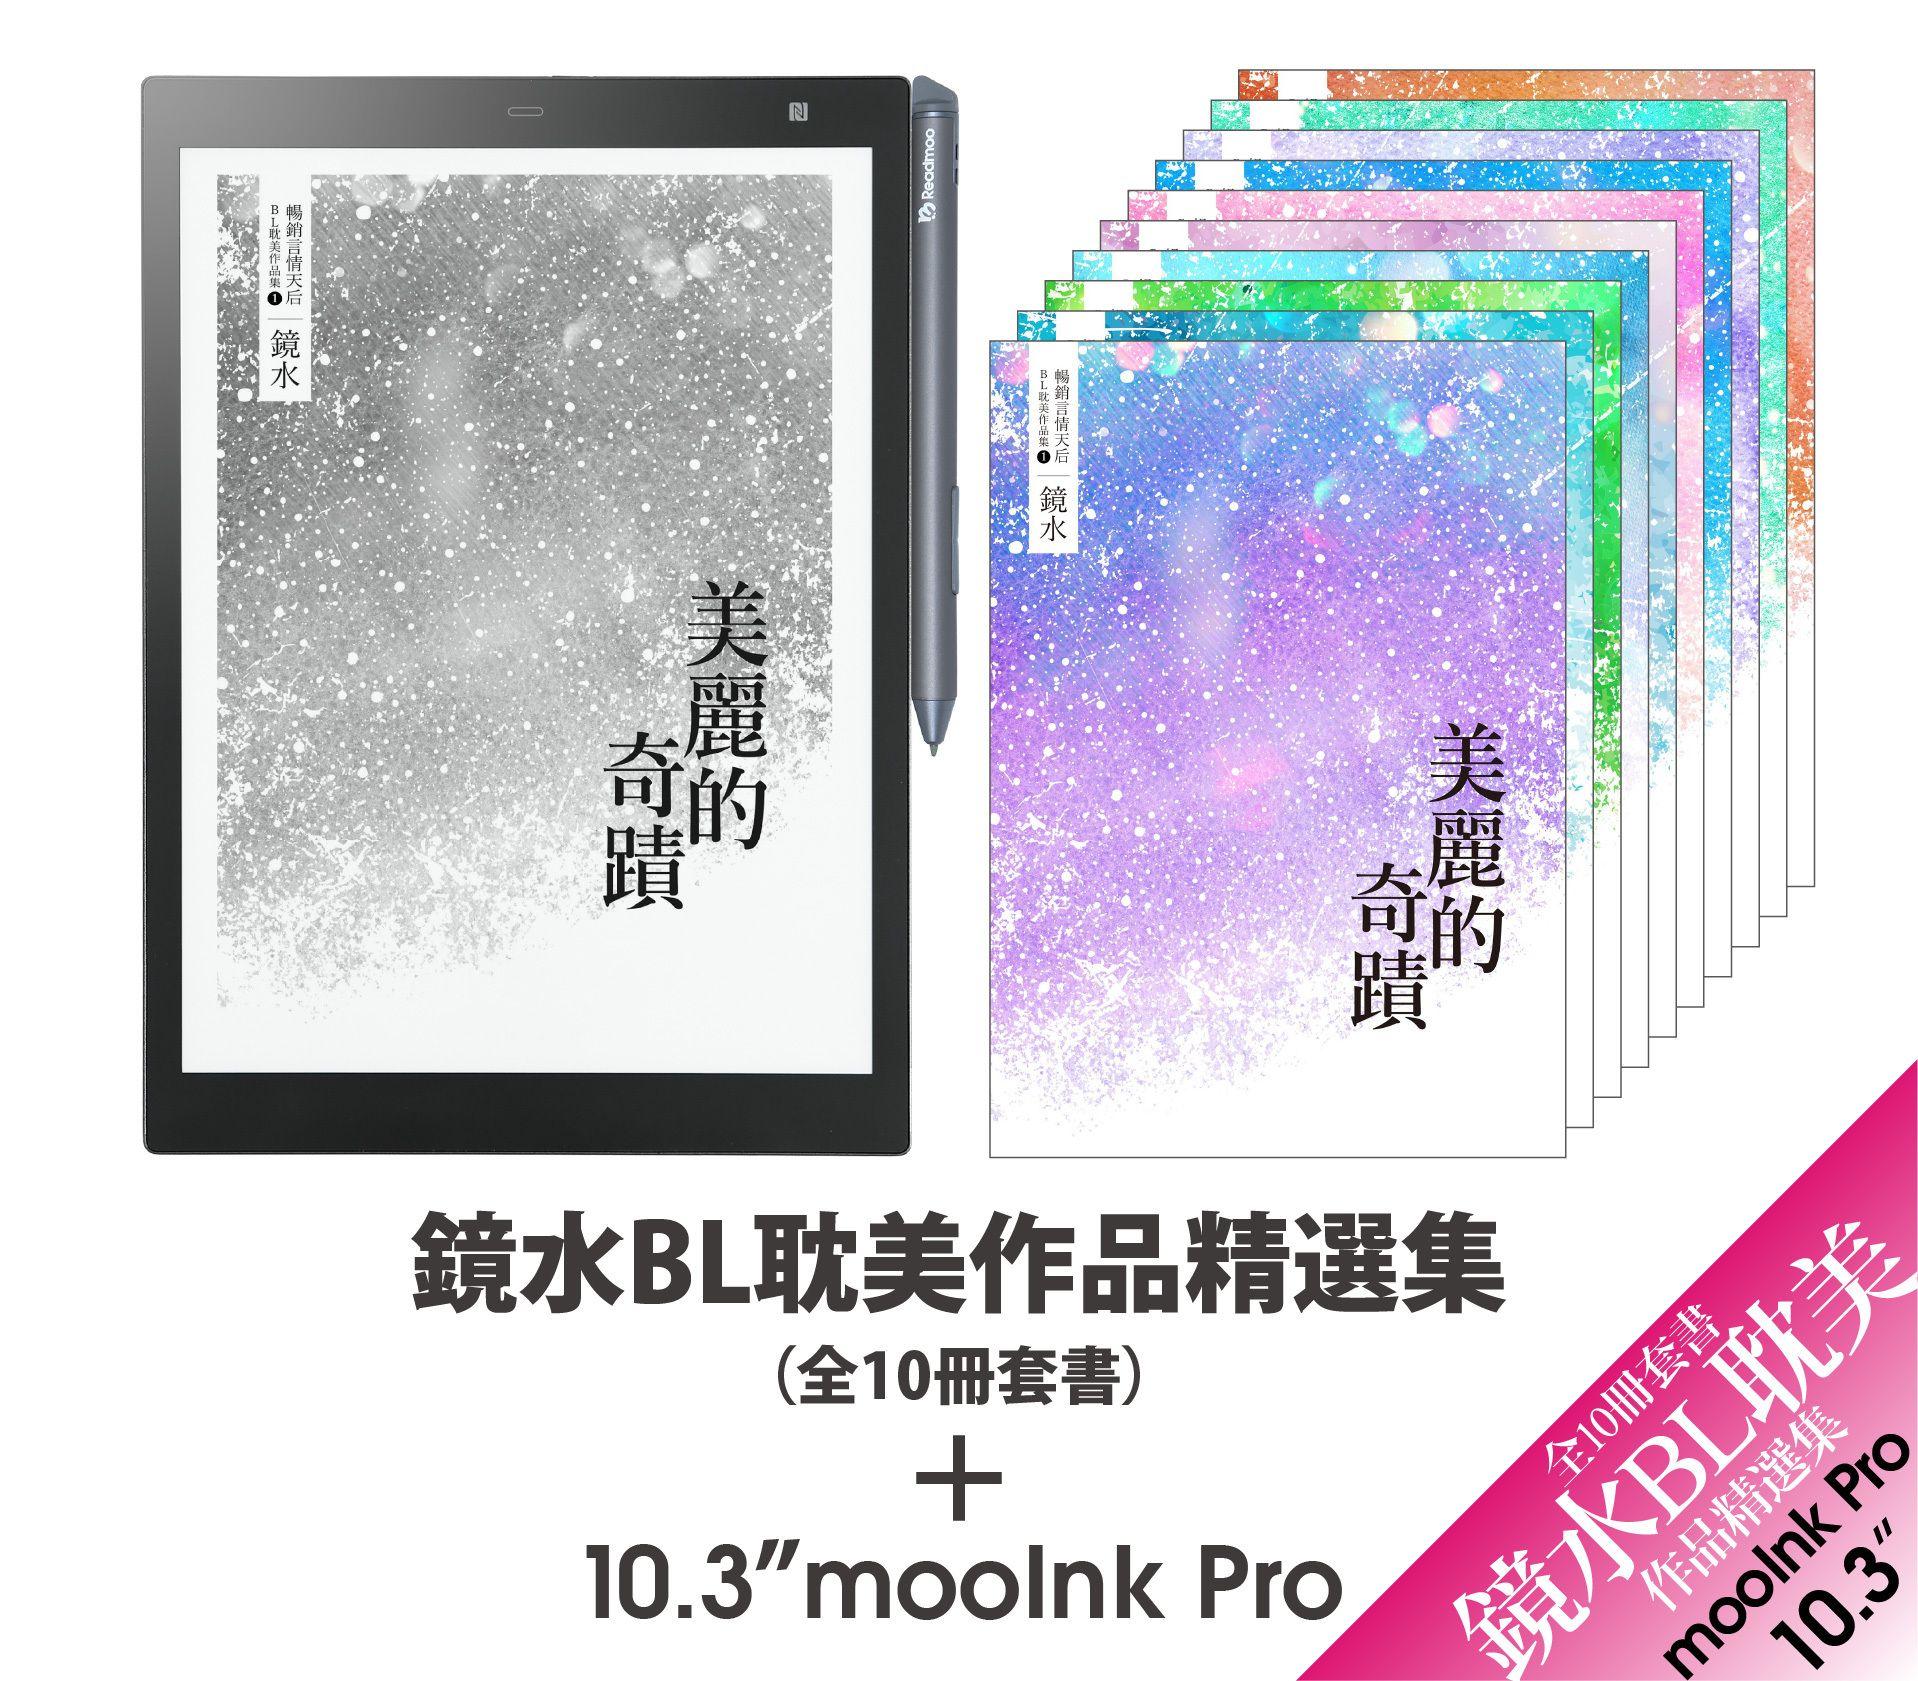 mooInk Pro +《鏡水BL耽美作品精選集(十冊套書)》套組